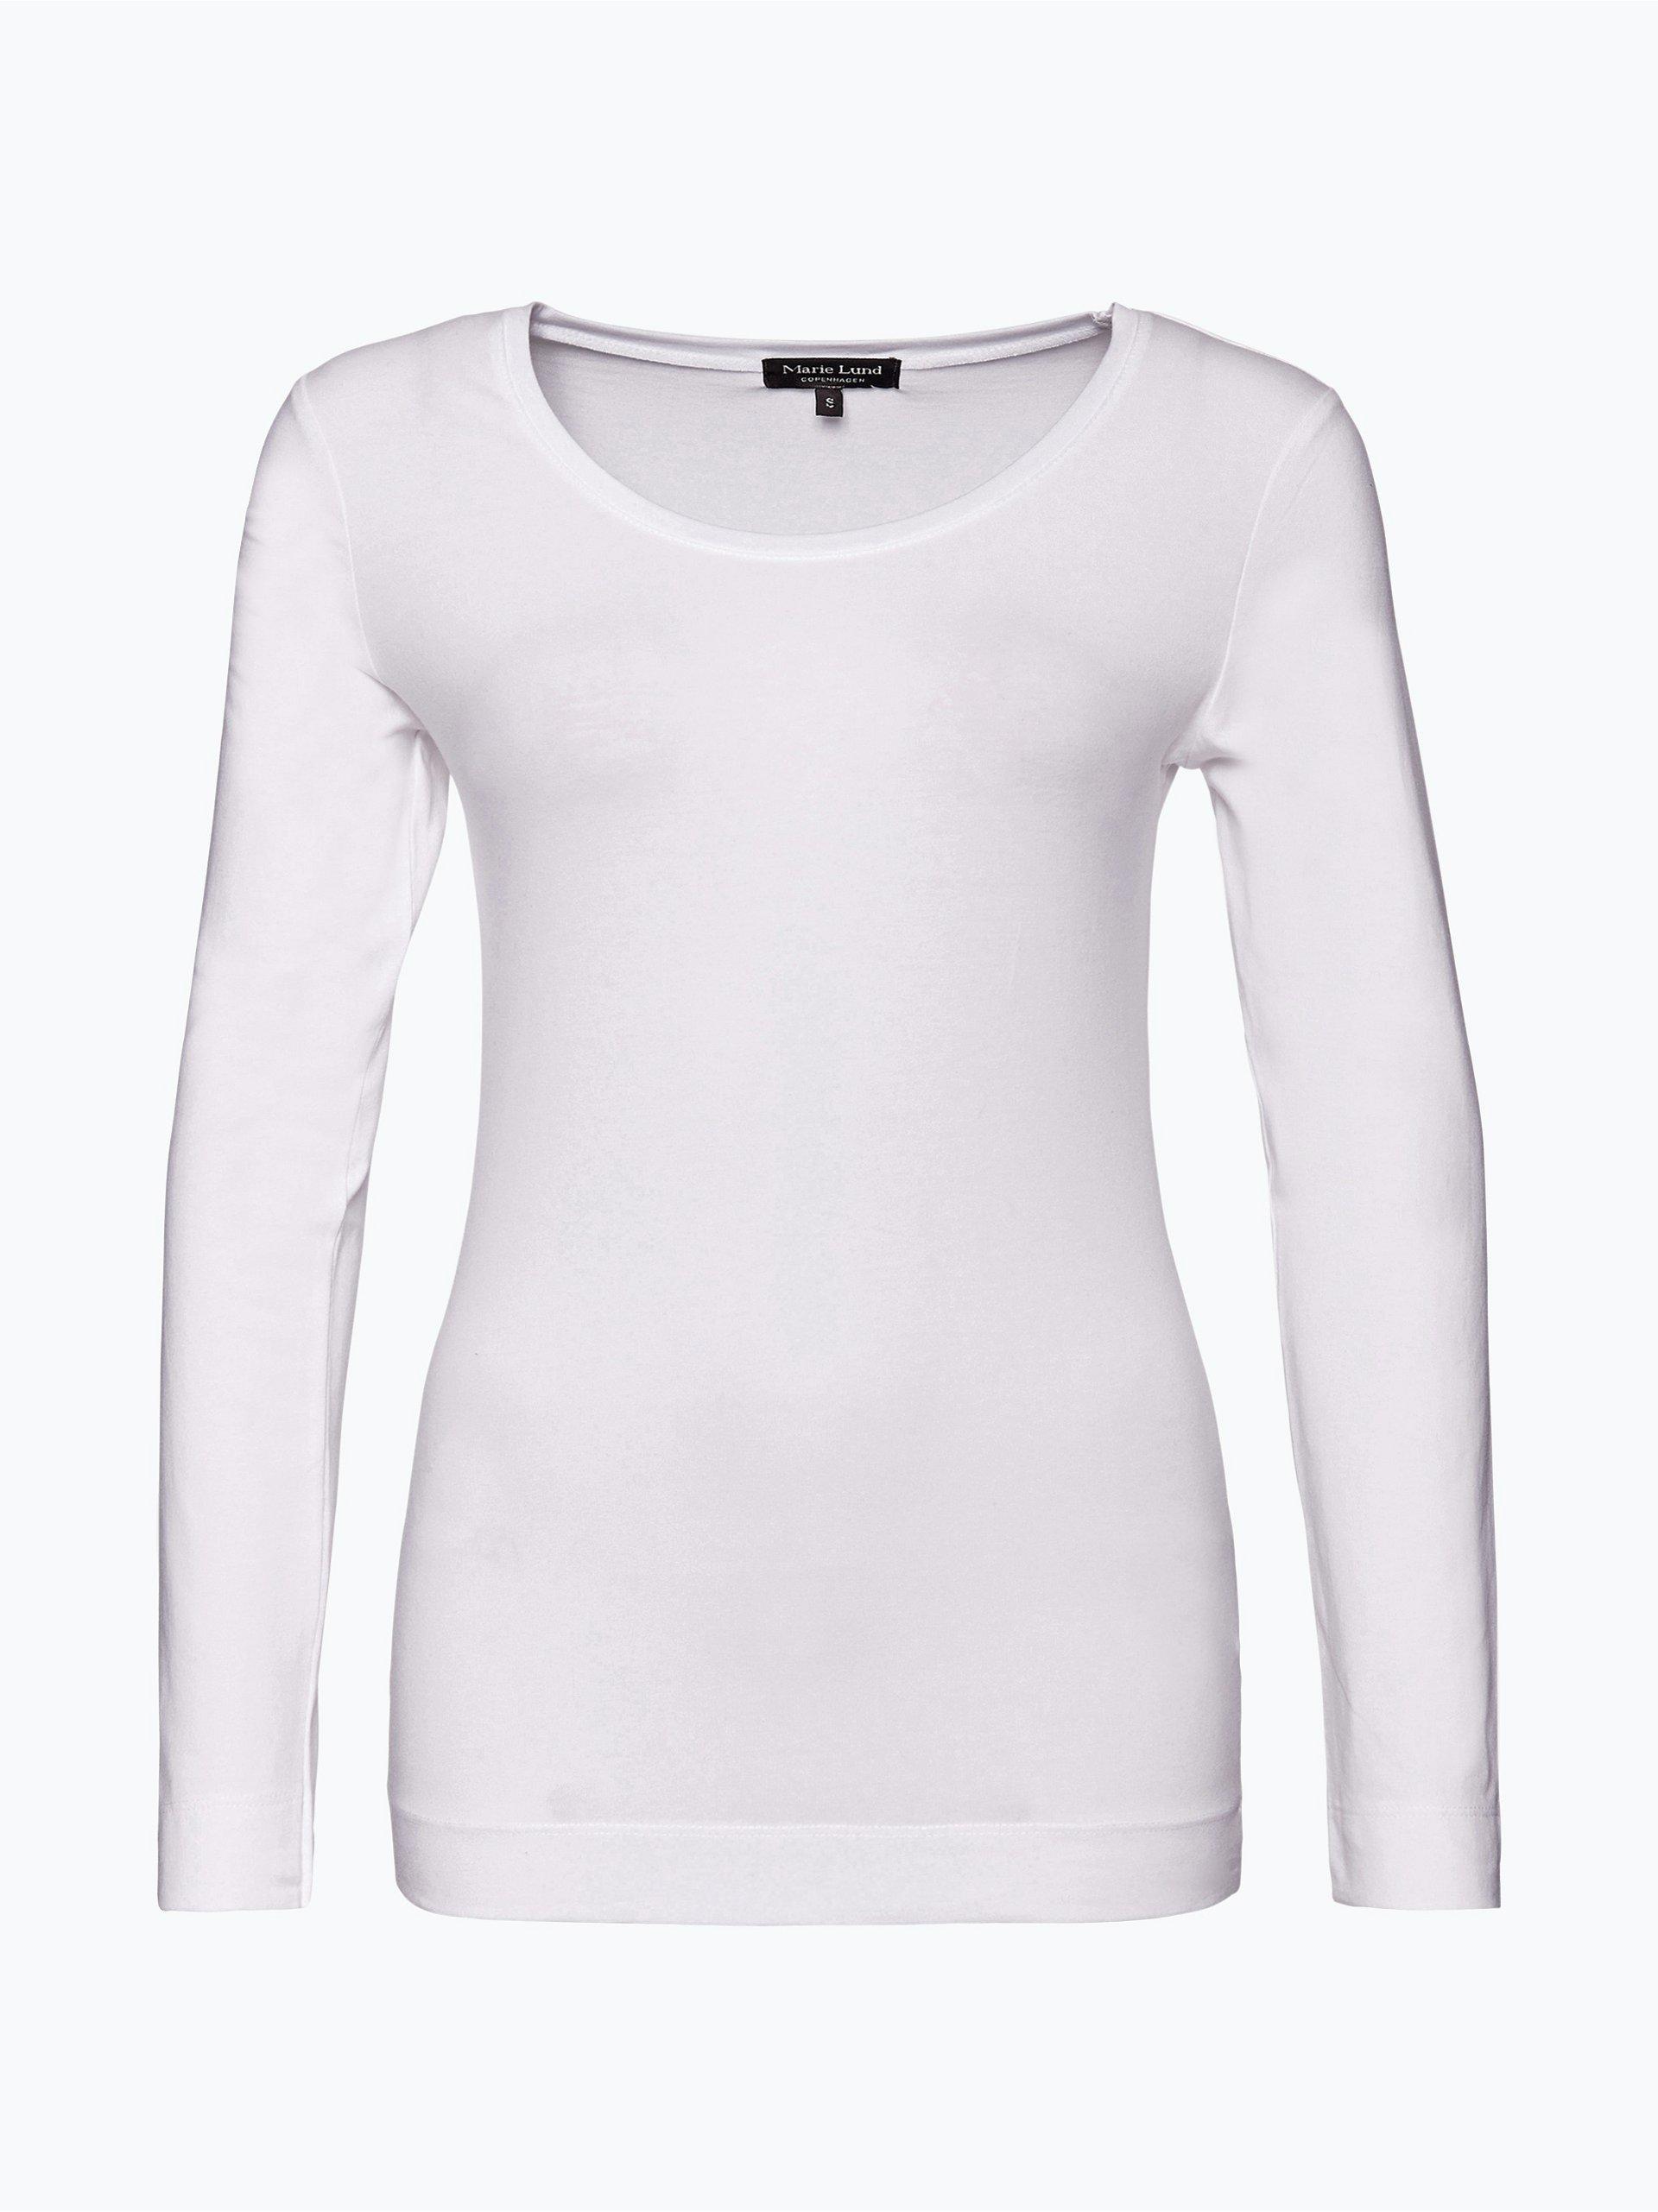 marie lund damen langarmshirt wei uni online kaufen peek und cloppenburg de. Black Bedroom Furniture Sets. Home Design Ideas